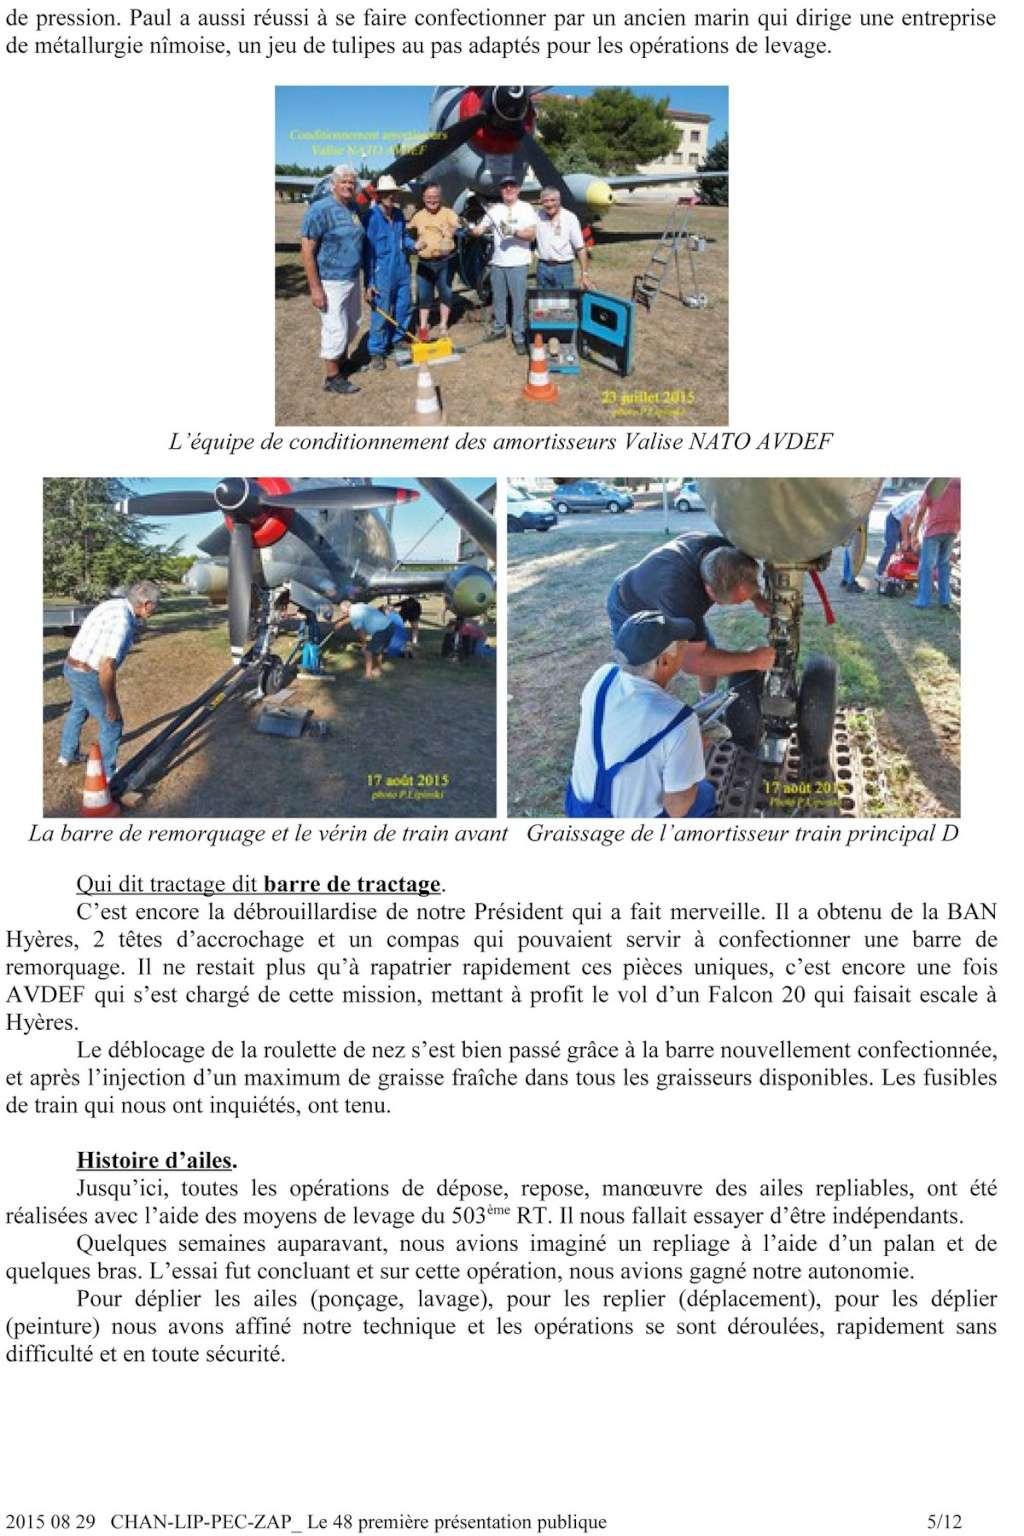 [Associations anciens marins] C.H.A.N.-Nîmes (Conservatoire Historique de l'Aéronavale-Nîmes) - Page 3 2015_014